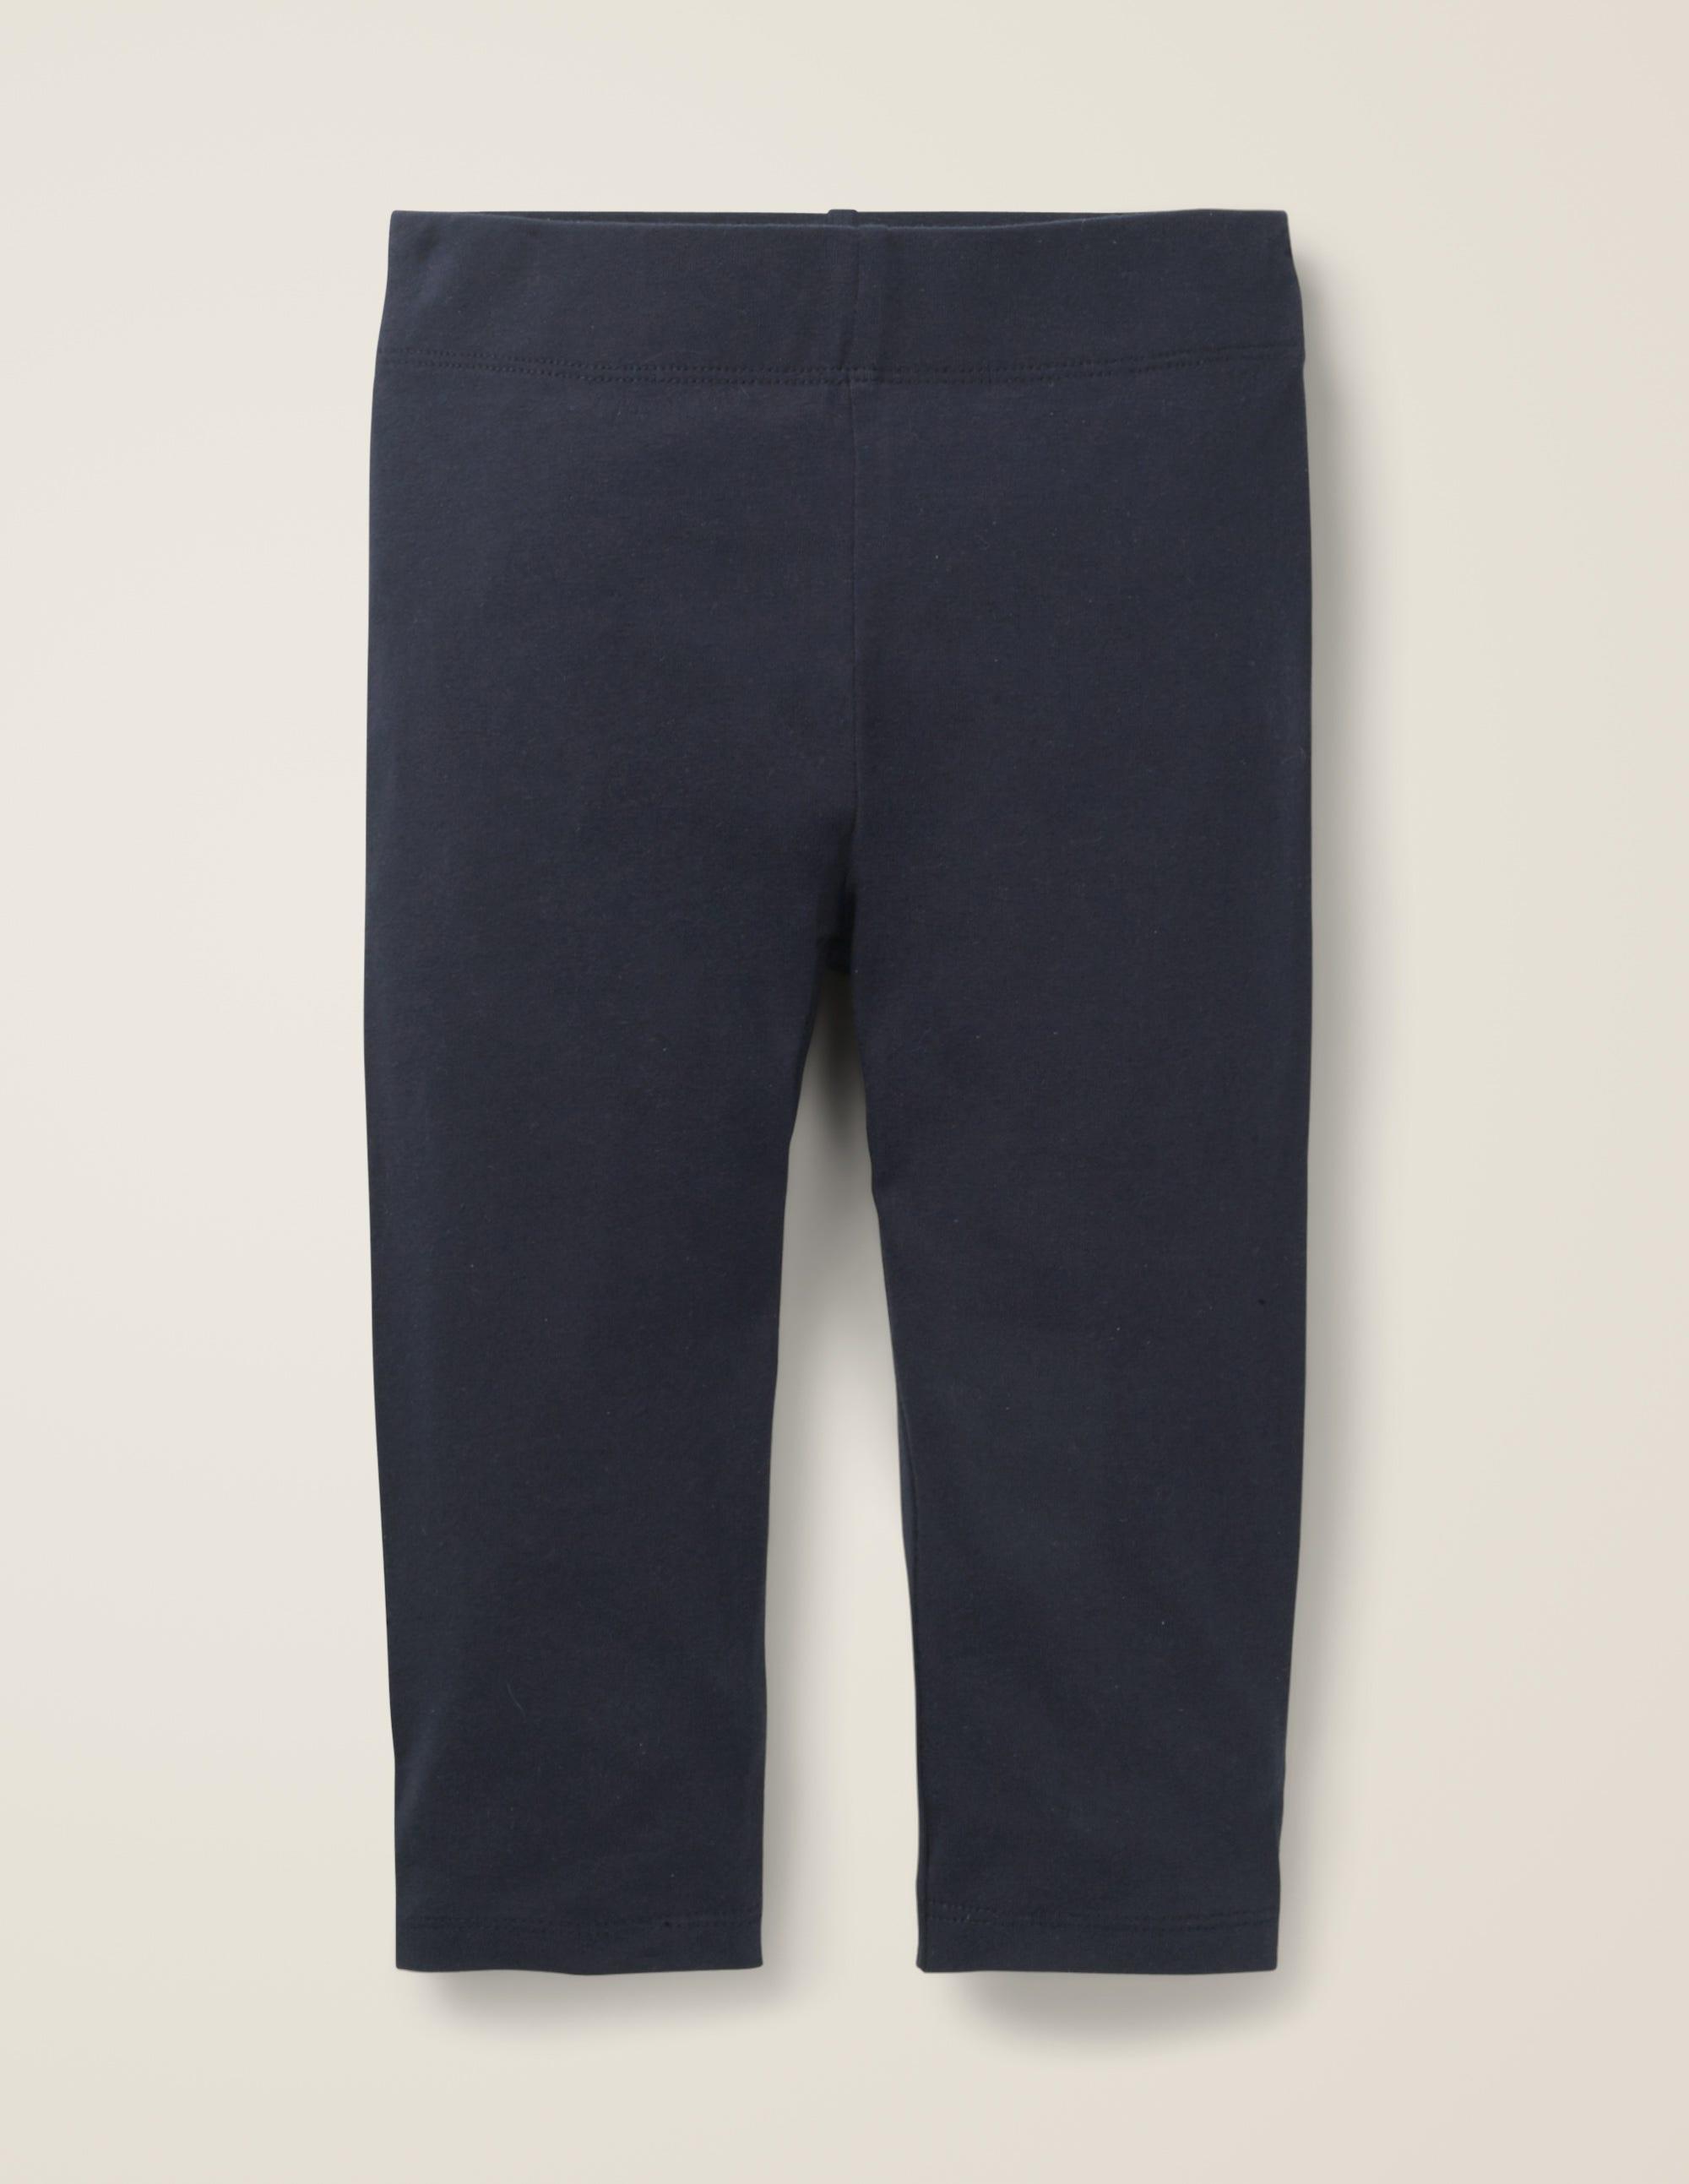 Legging court uni NAV Fille Boden, Blue